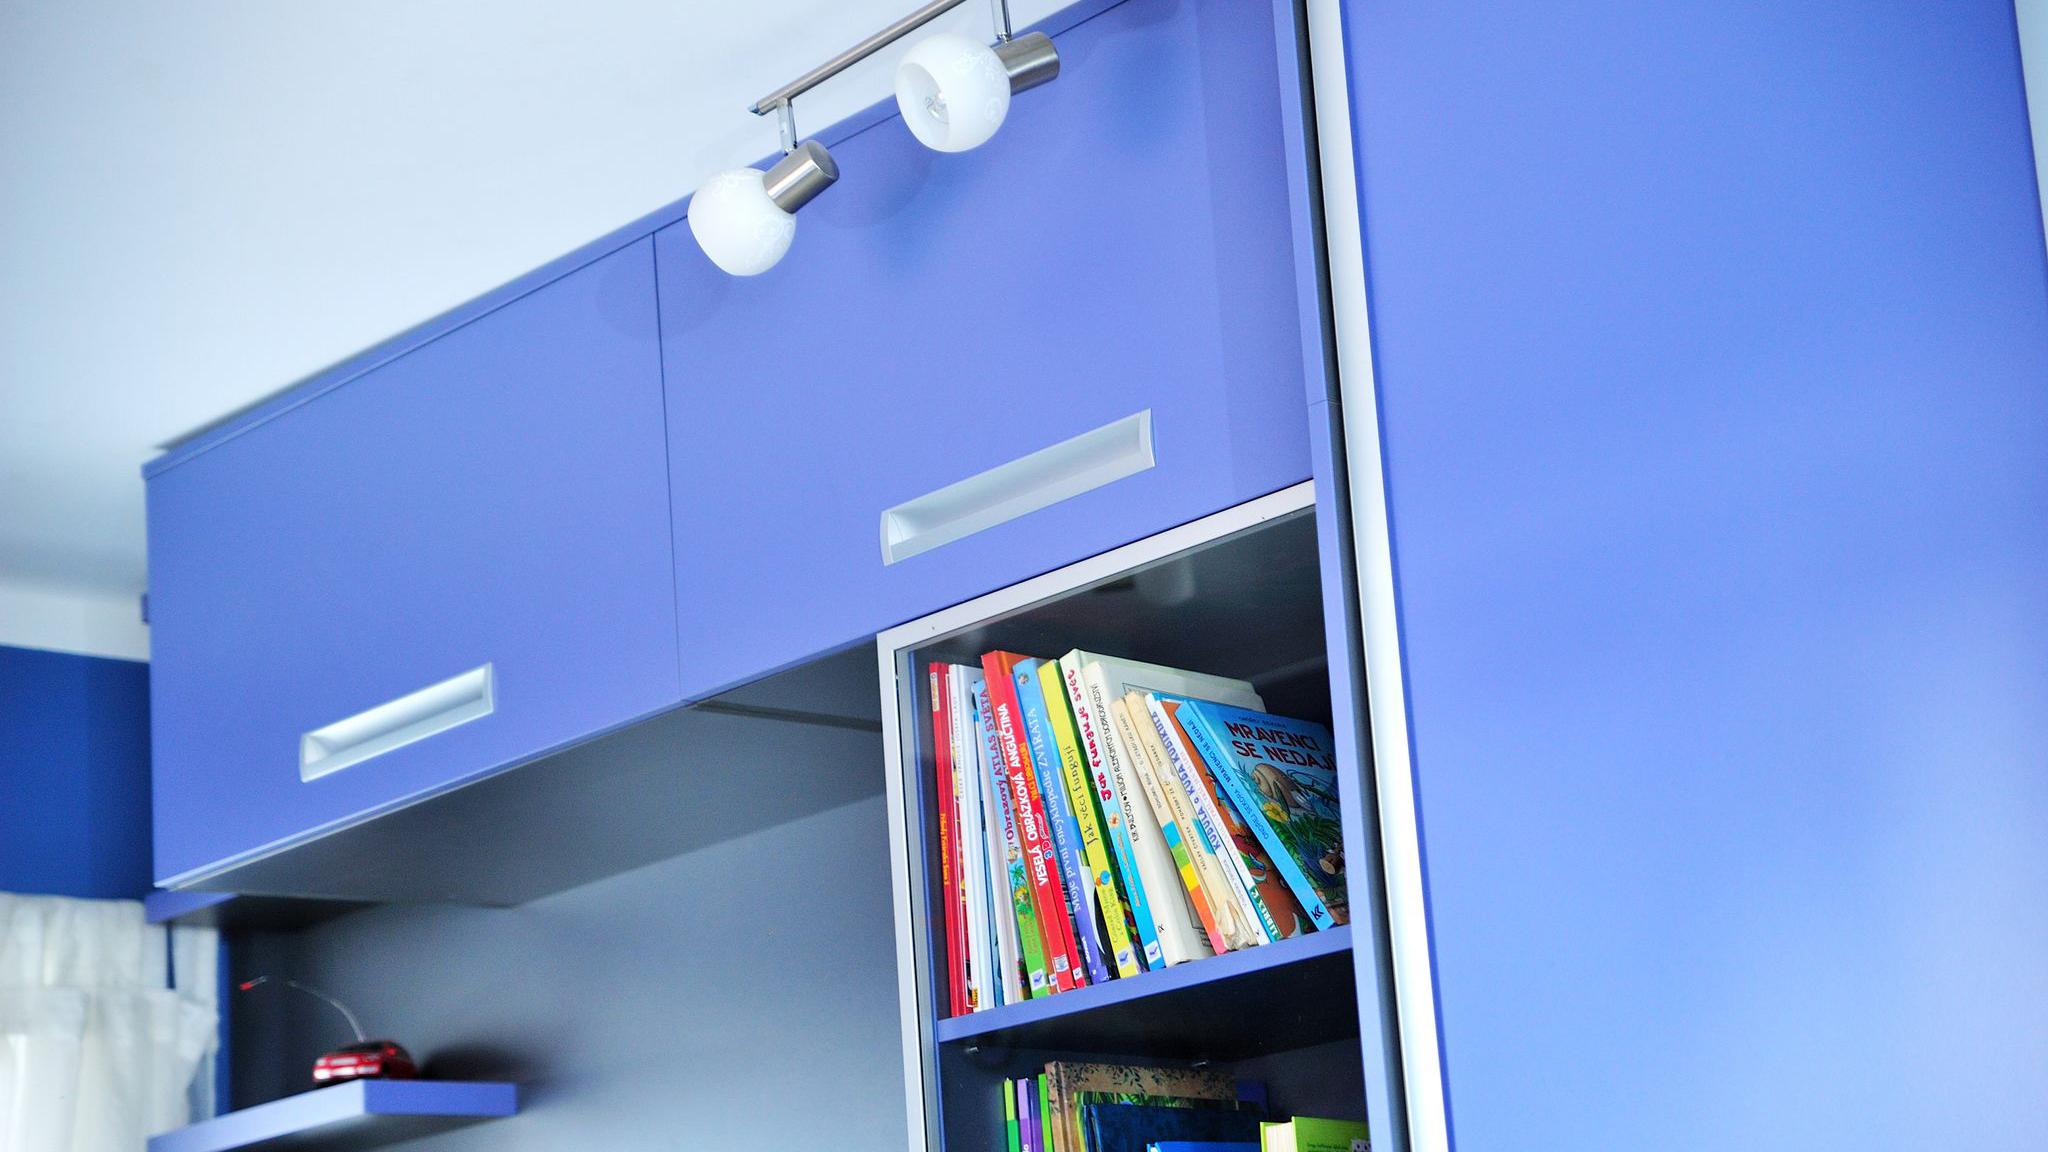 Modrý chlapecký pokoj